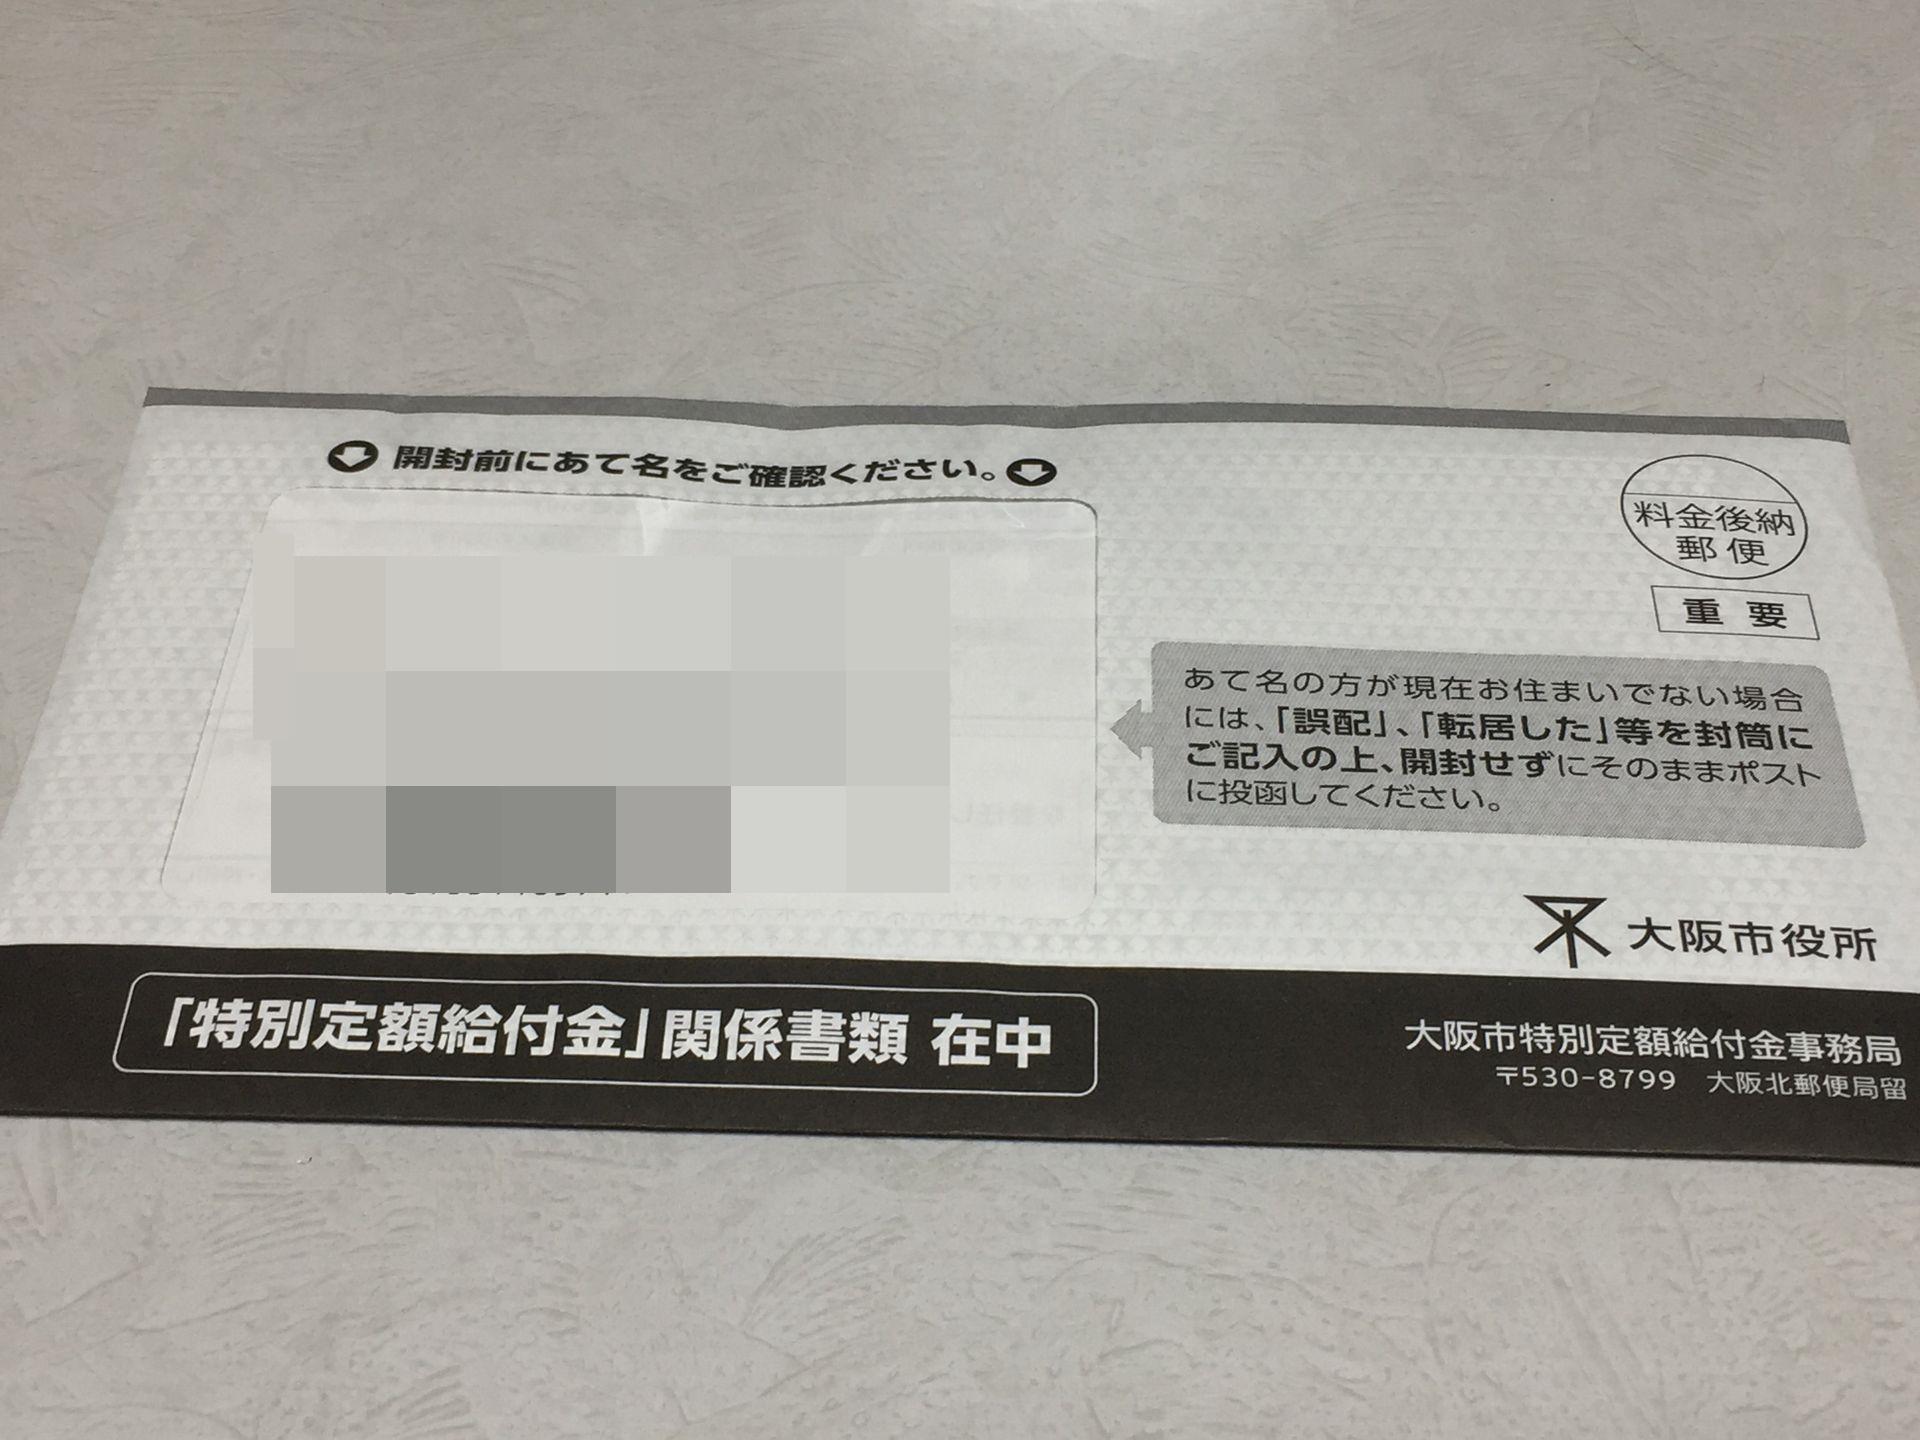 特別 金 給付 市 大阪